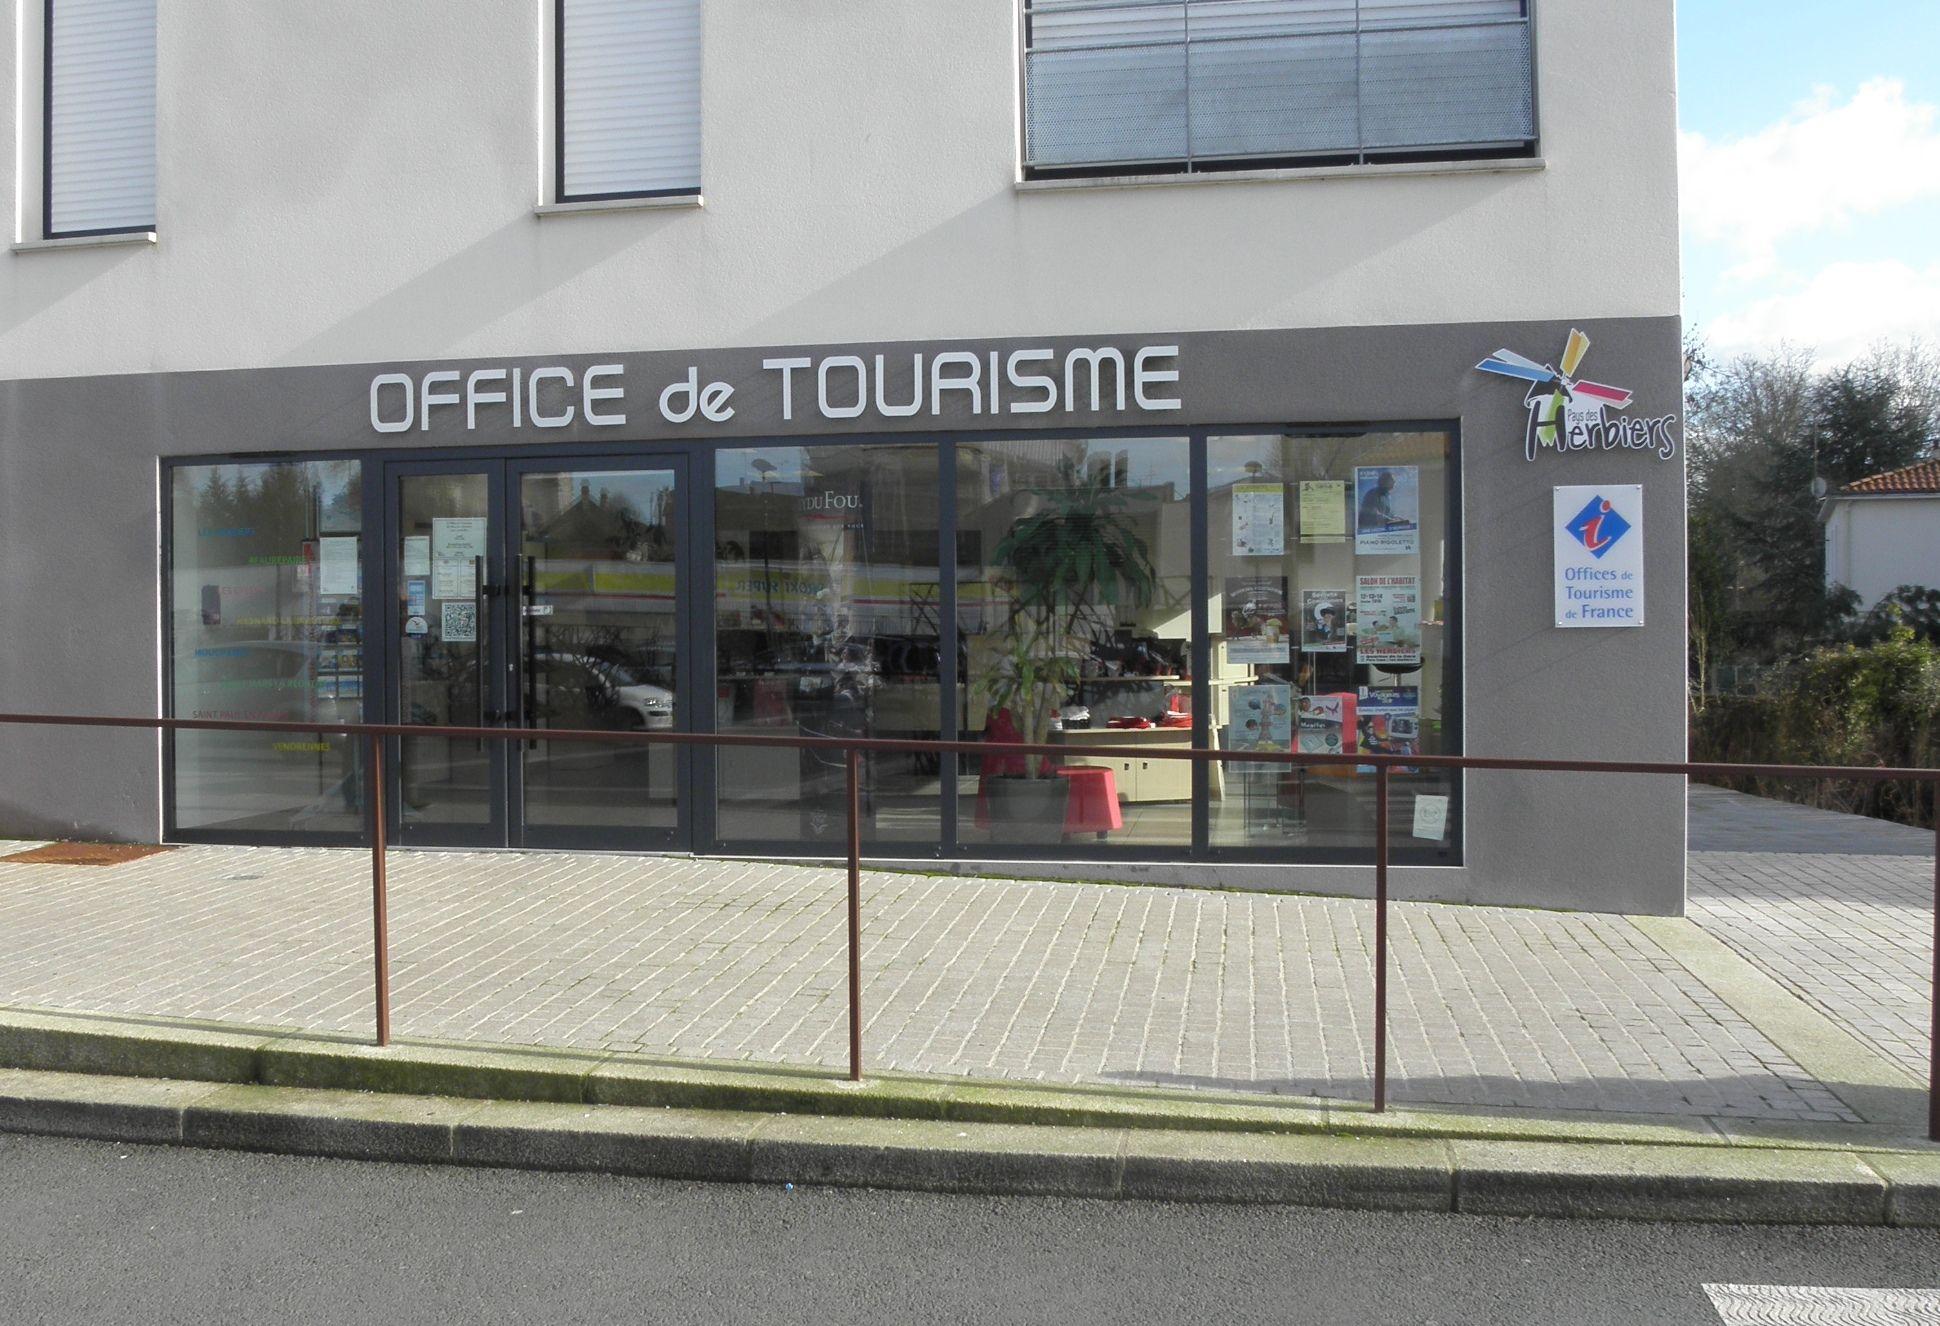 Offic ede tourisme du Pays des Herbiers